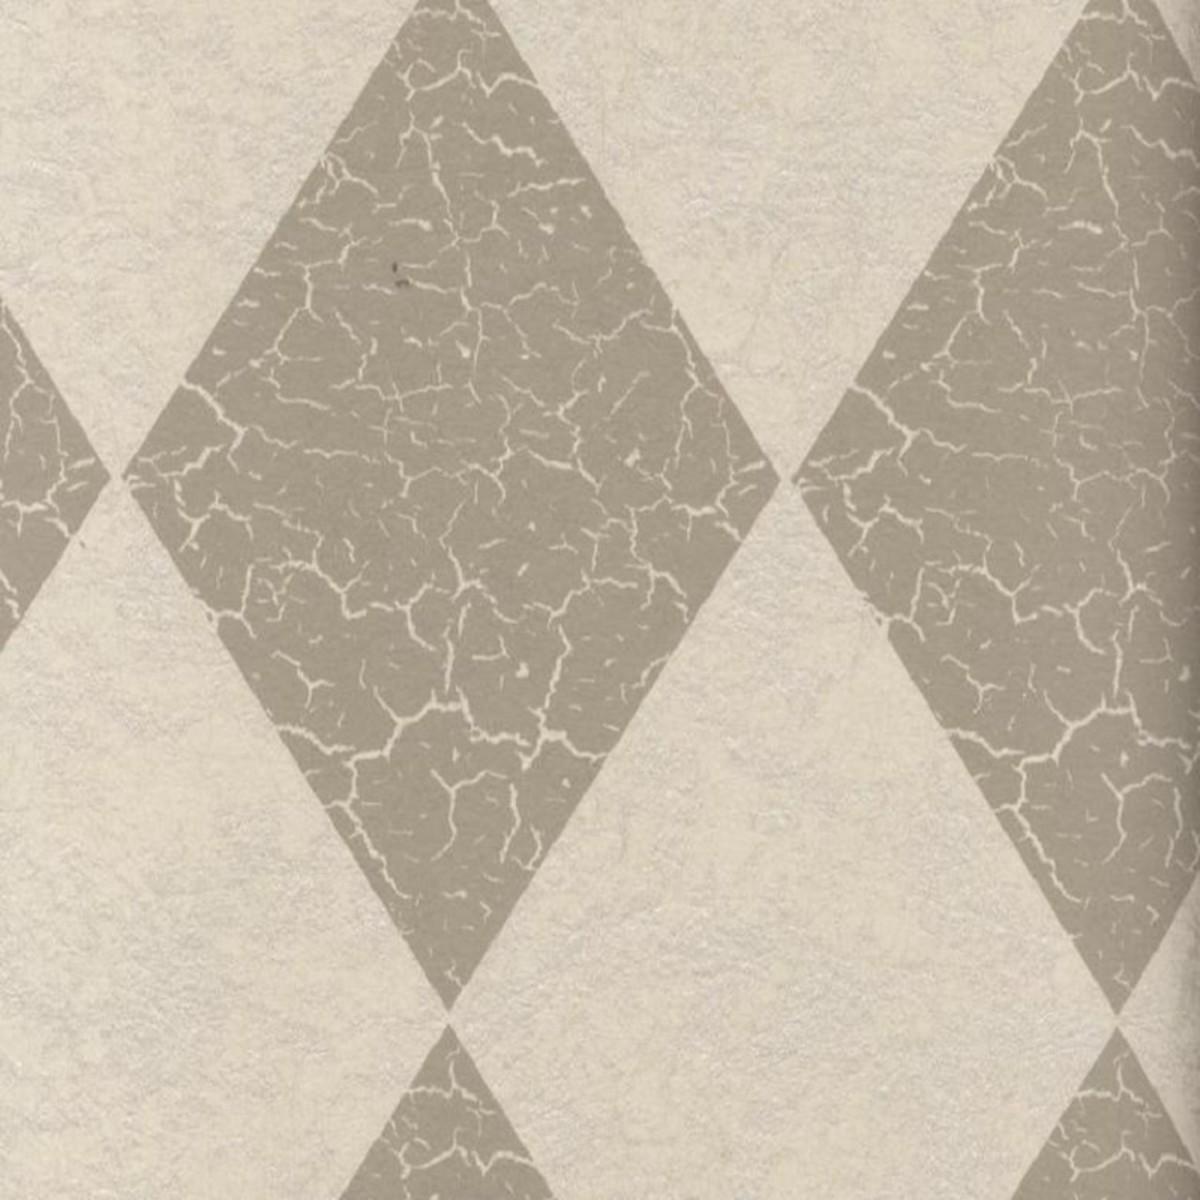 Флизелиновые обои York Wallcoverings серые IAT-310A 0.68 м